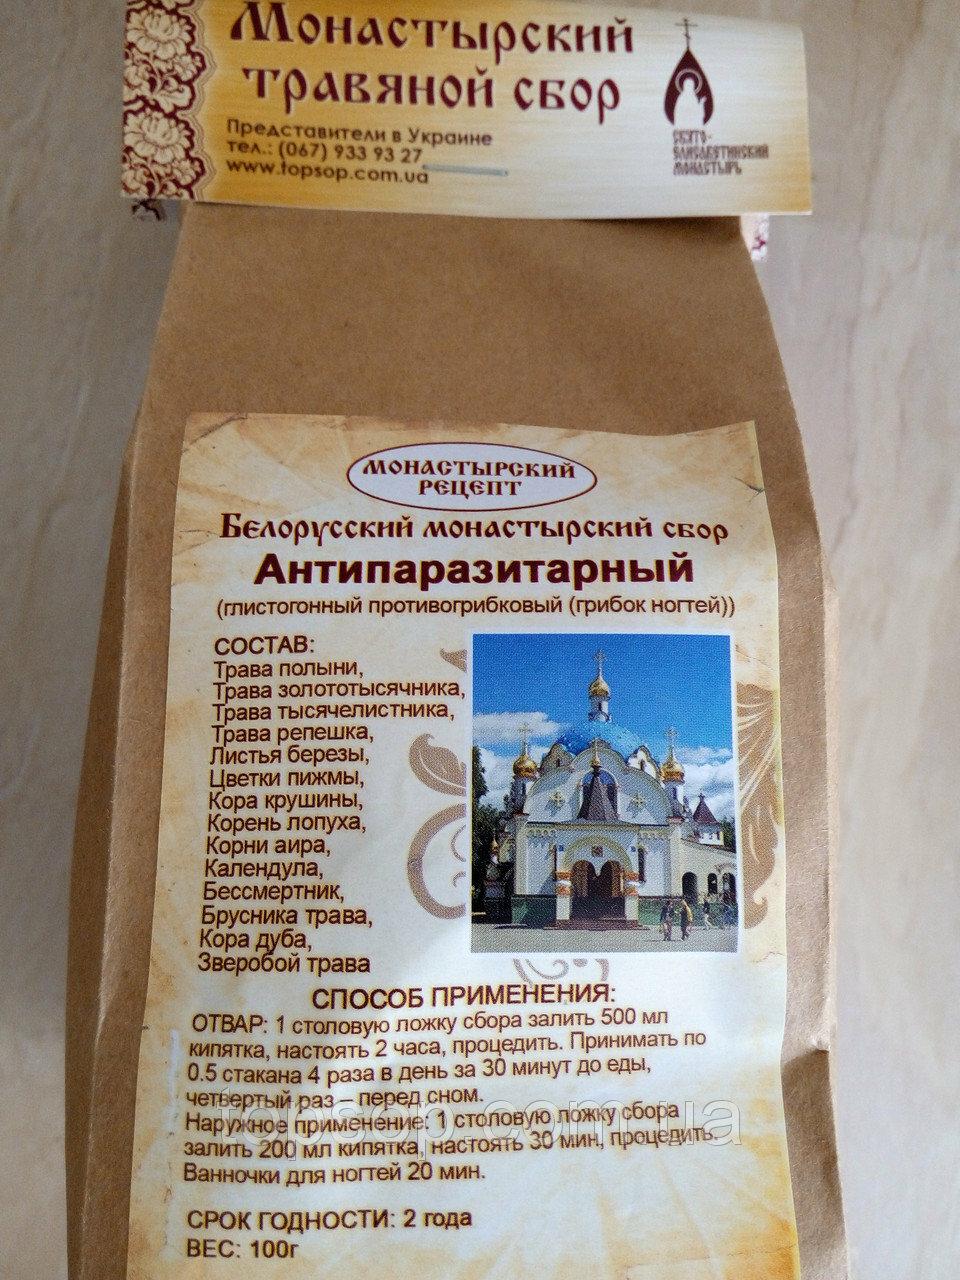 Монастырский антипаразитарный сбор в Волжском